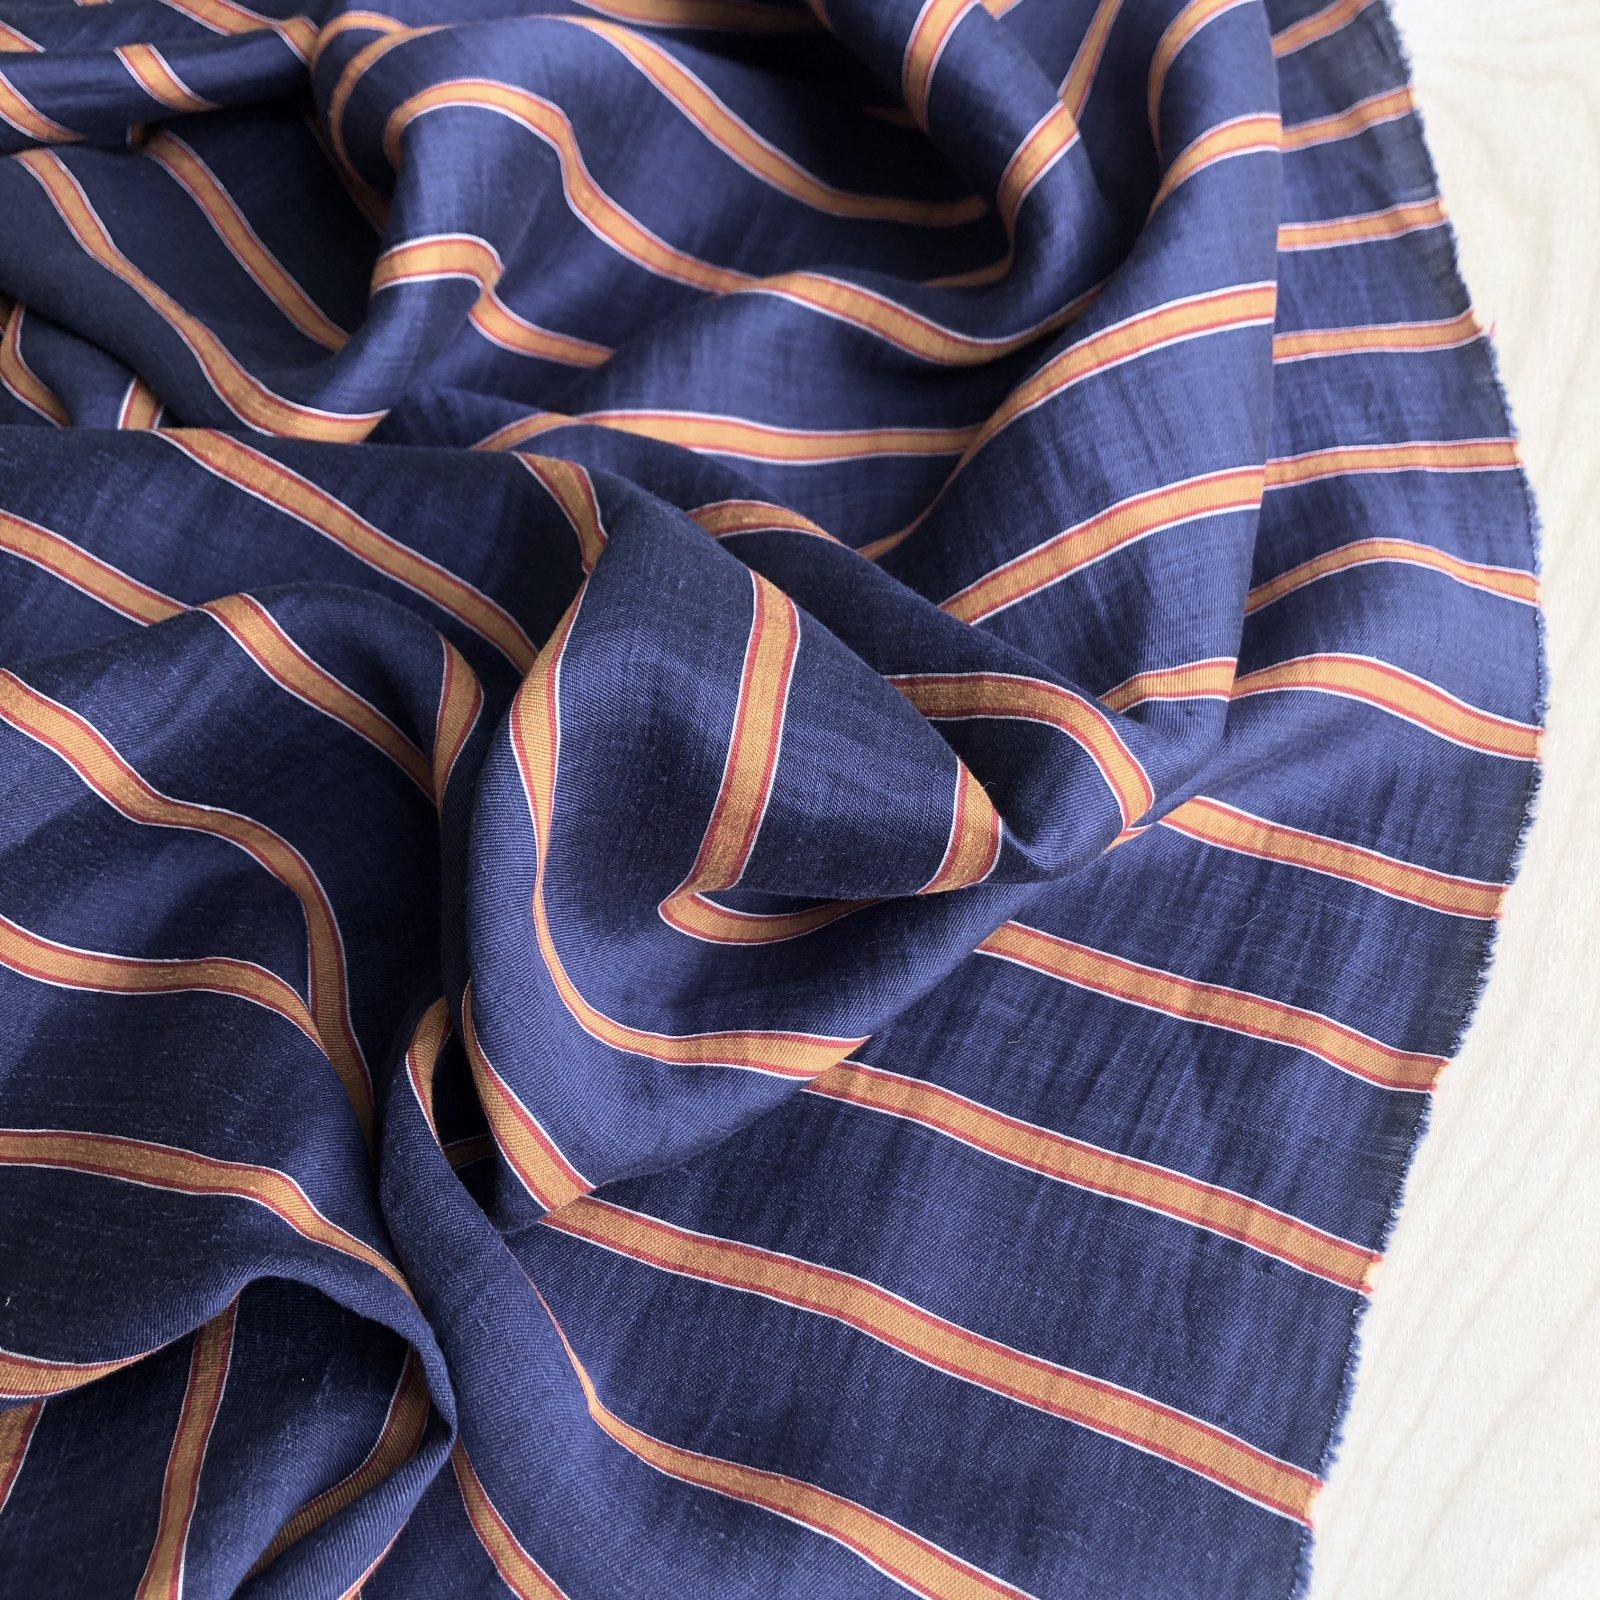 Designer Deadstock Italian Linen Blend - 59